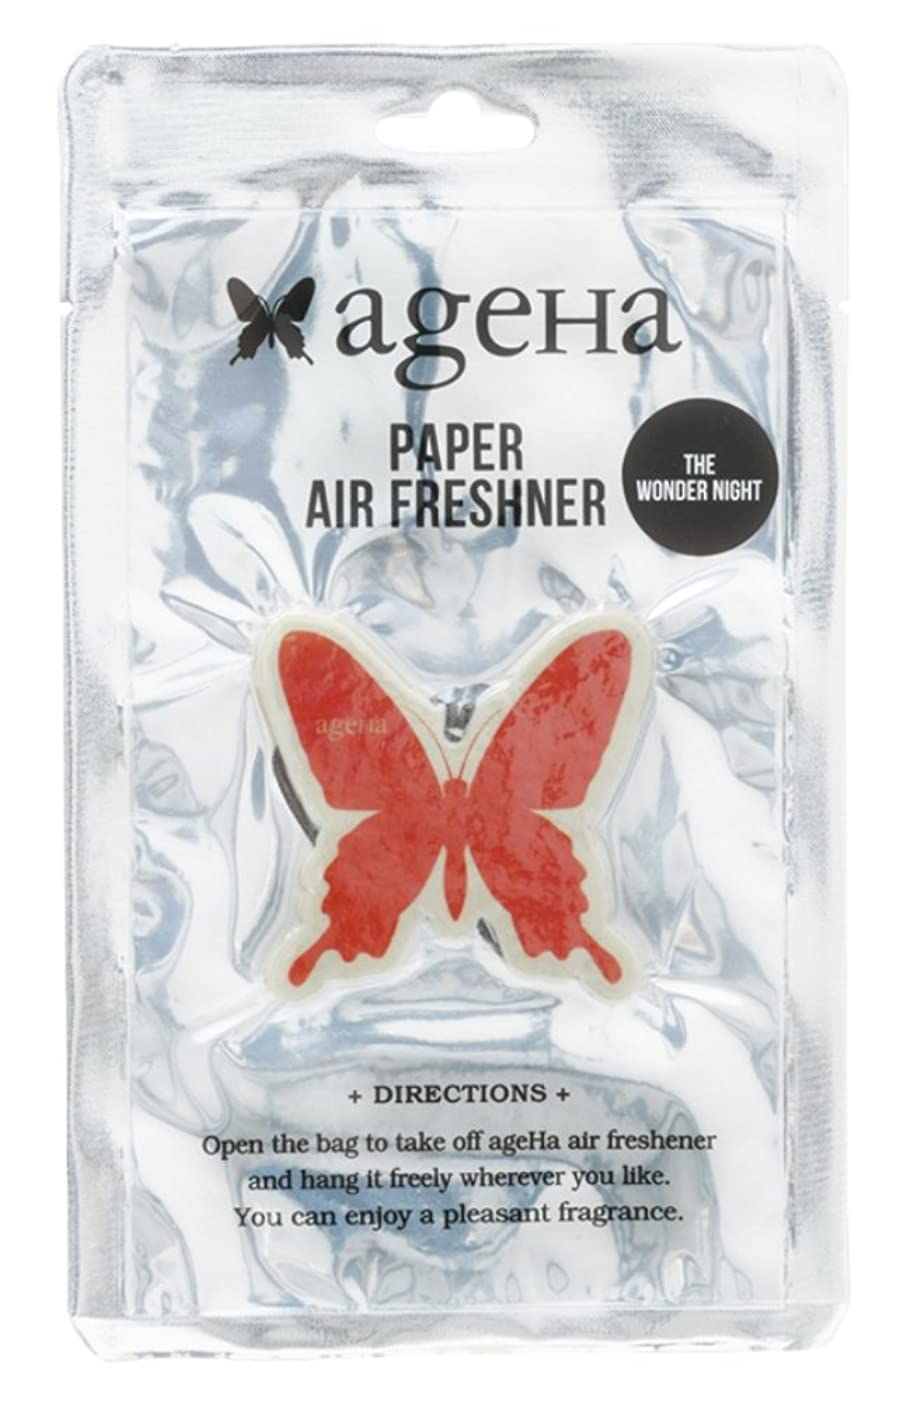 破裂ひねりおもちゃageha エアーフレッシュナー バタフライ 吊り下げ ワンダーナイトの香り OA-AGE-3-1